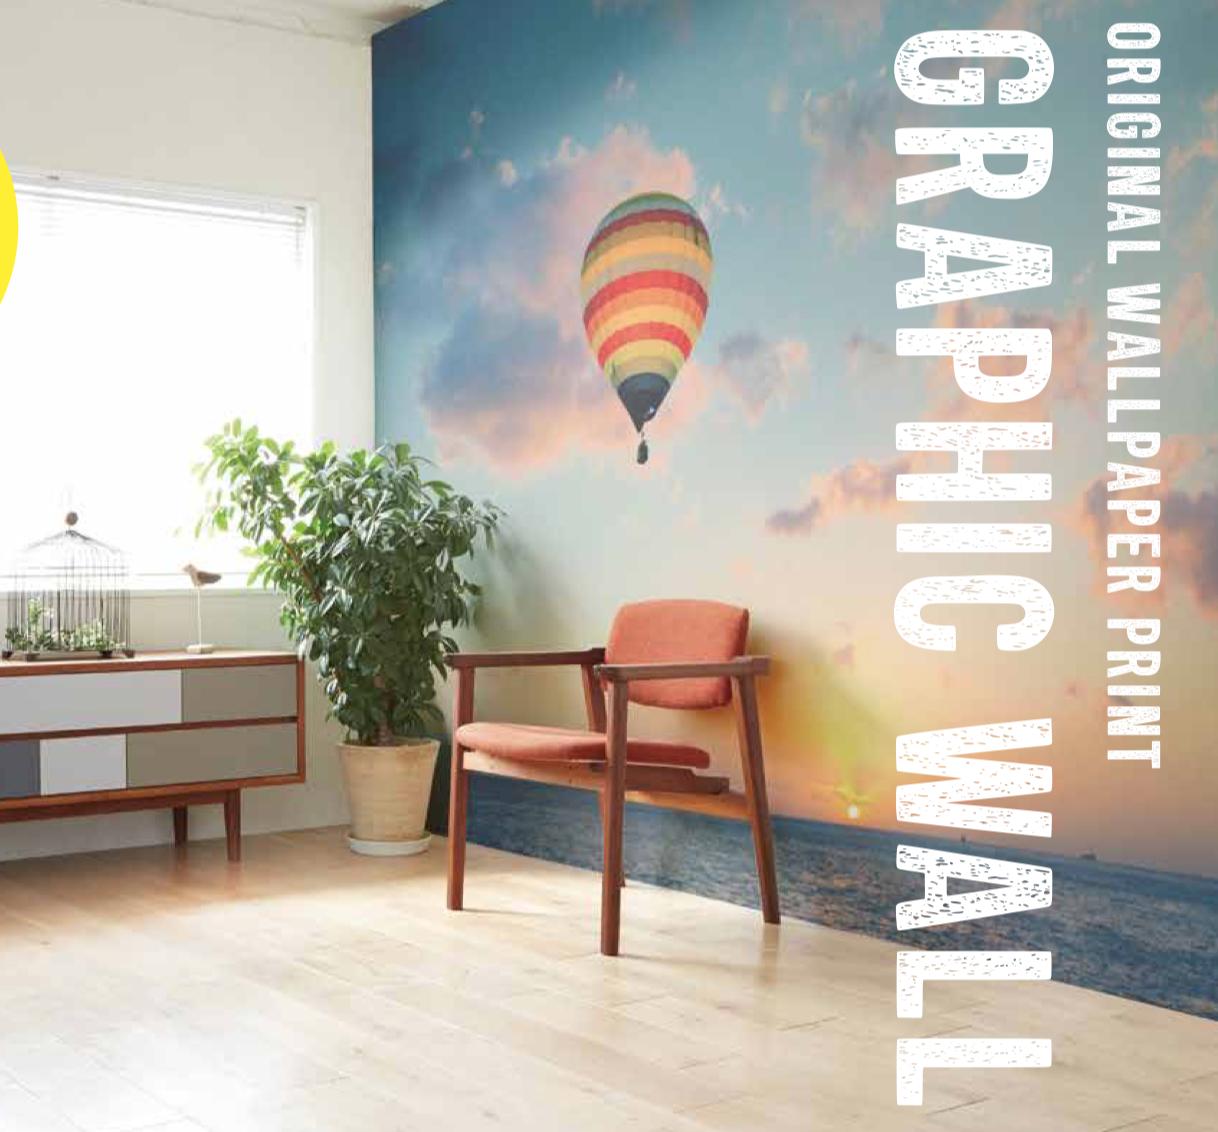 空間をもっと好きになる オリジナル壁紙はいかがですか 株式会社tabataのブログ Tabata 神奈川相模原 内装リフォーム